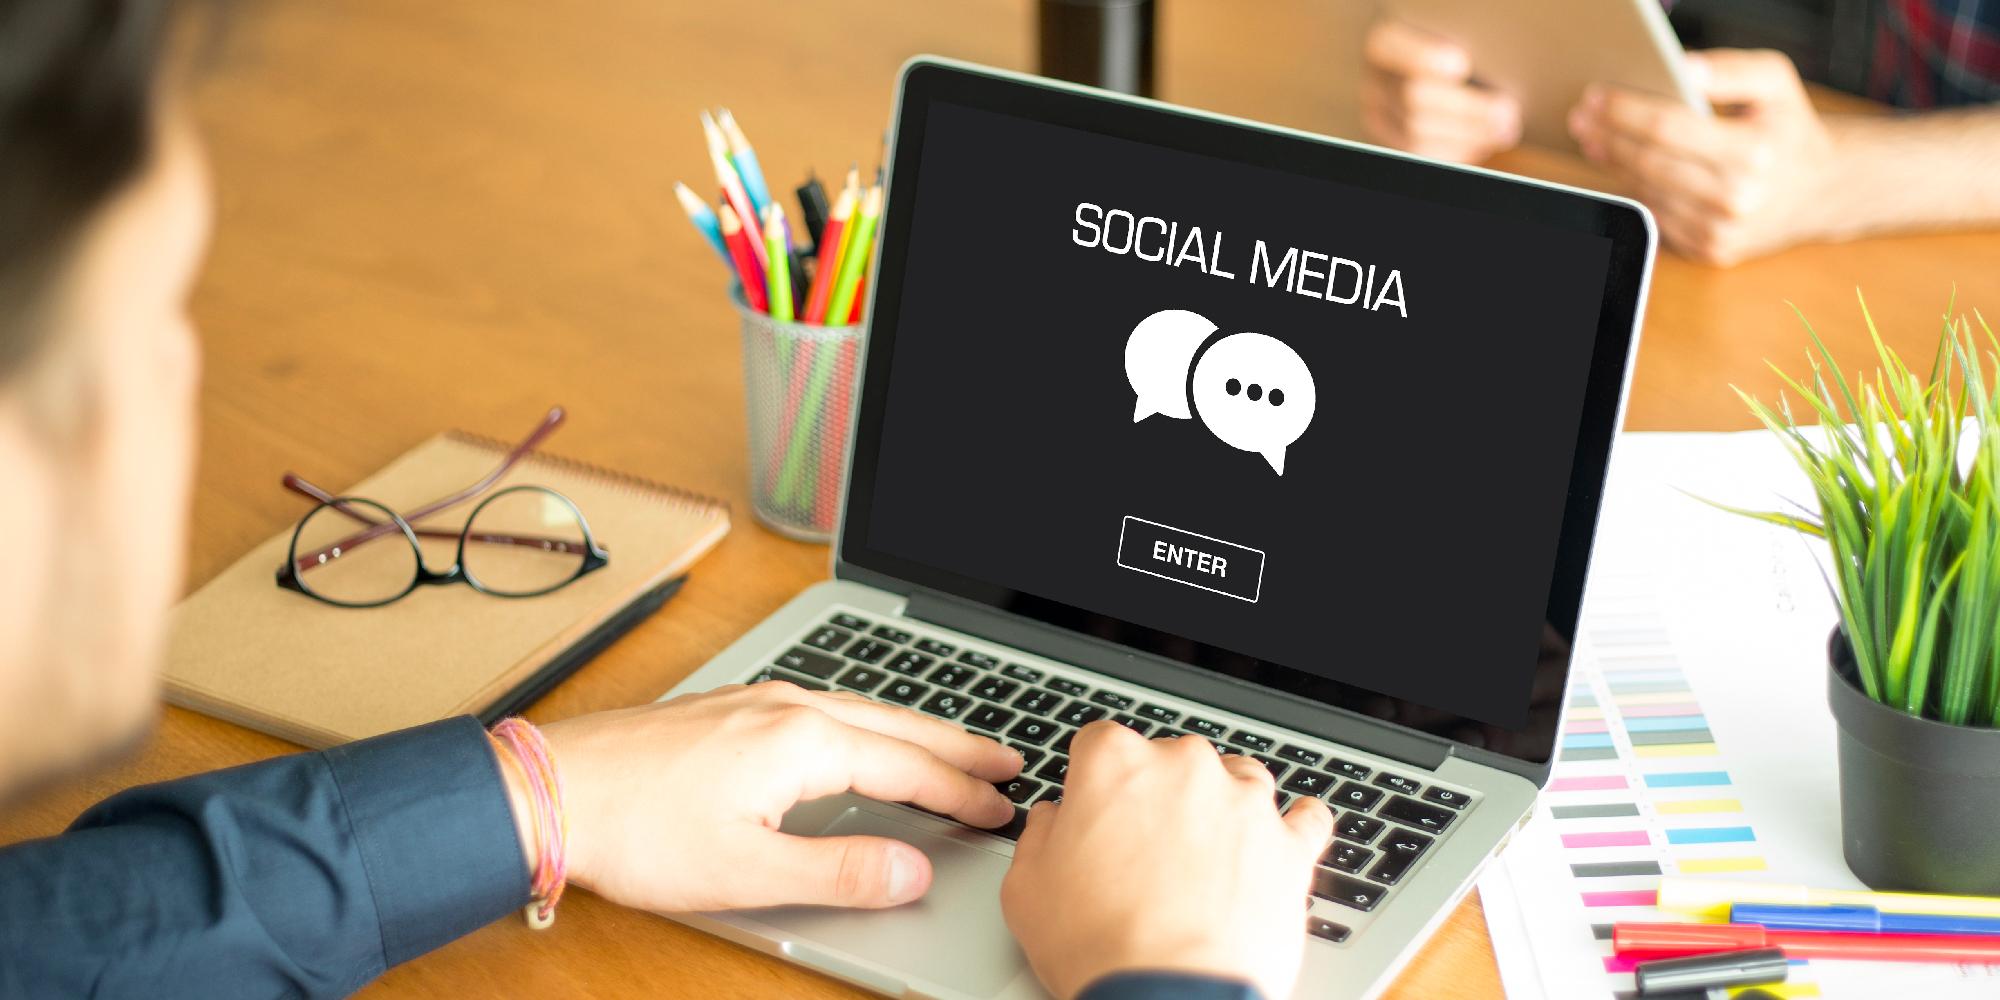 Découvrez les tendances 2021 en matière de social media.